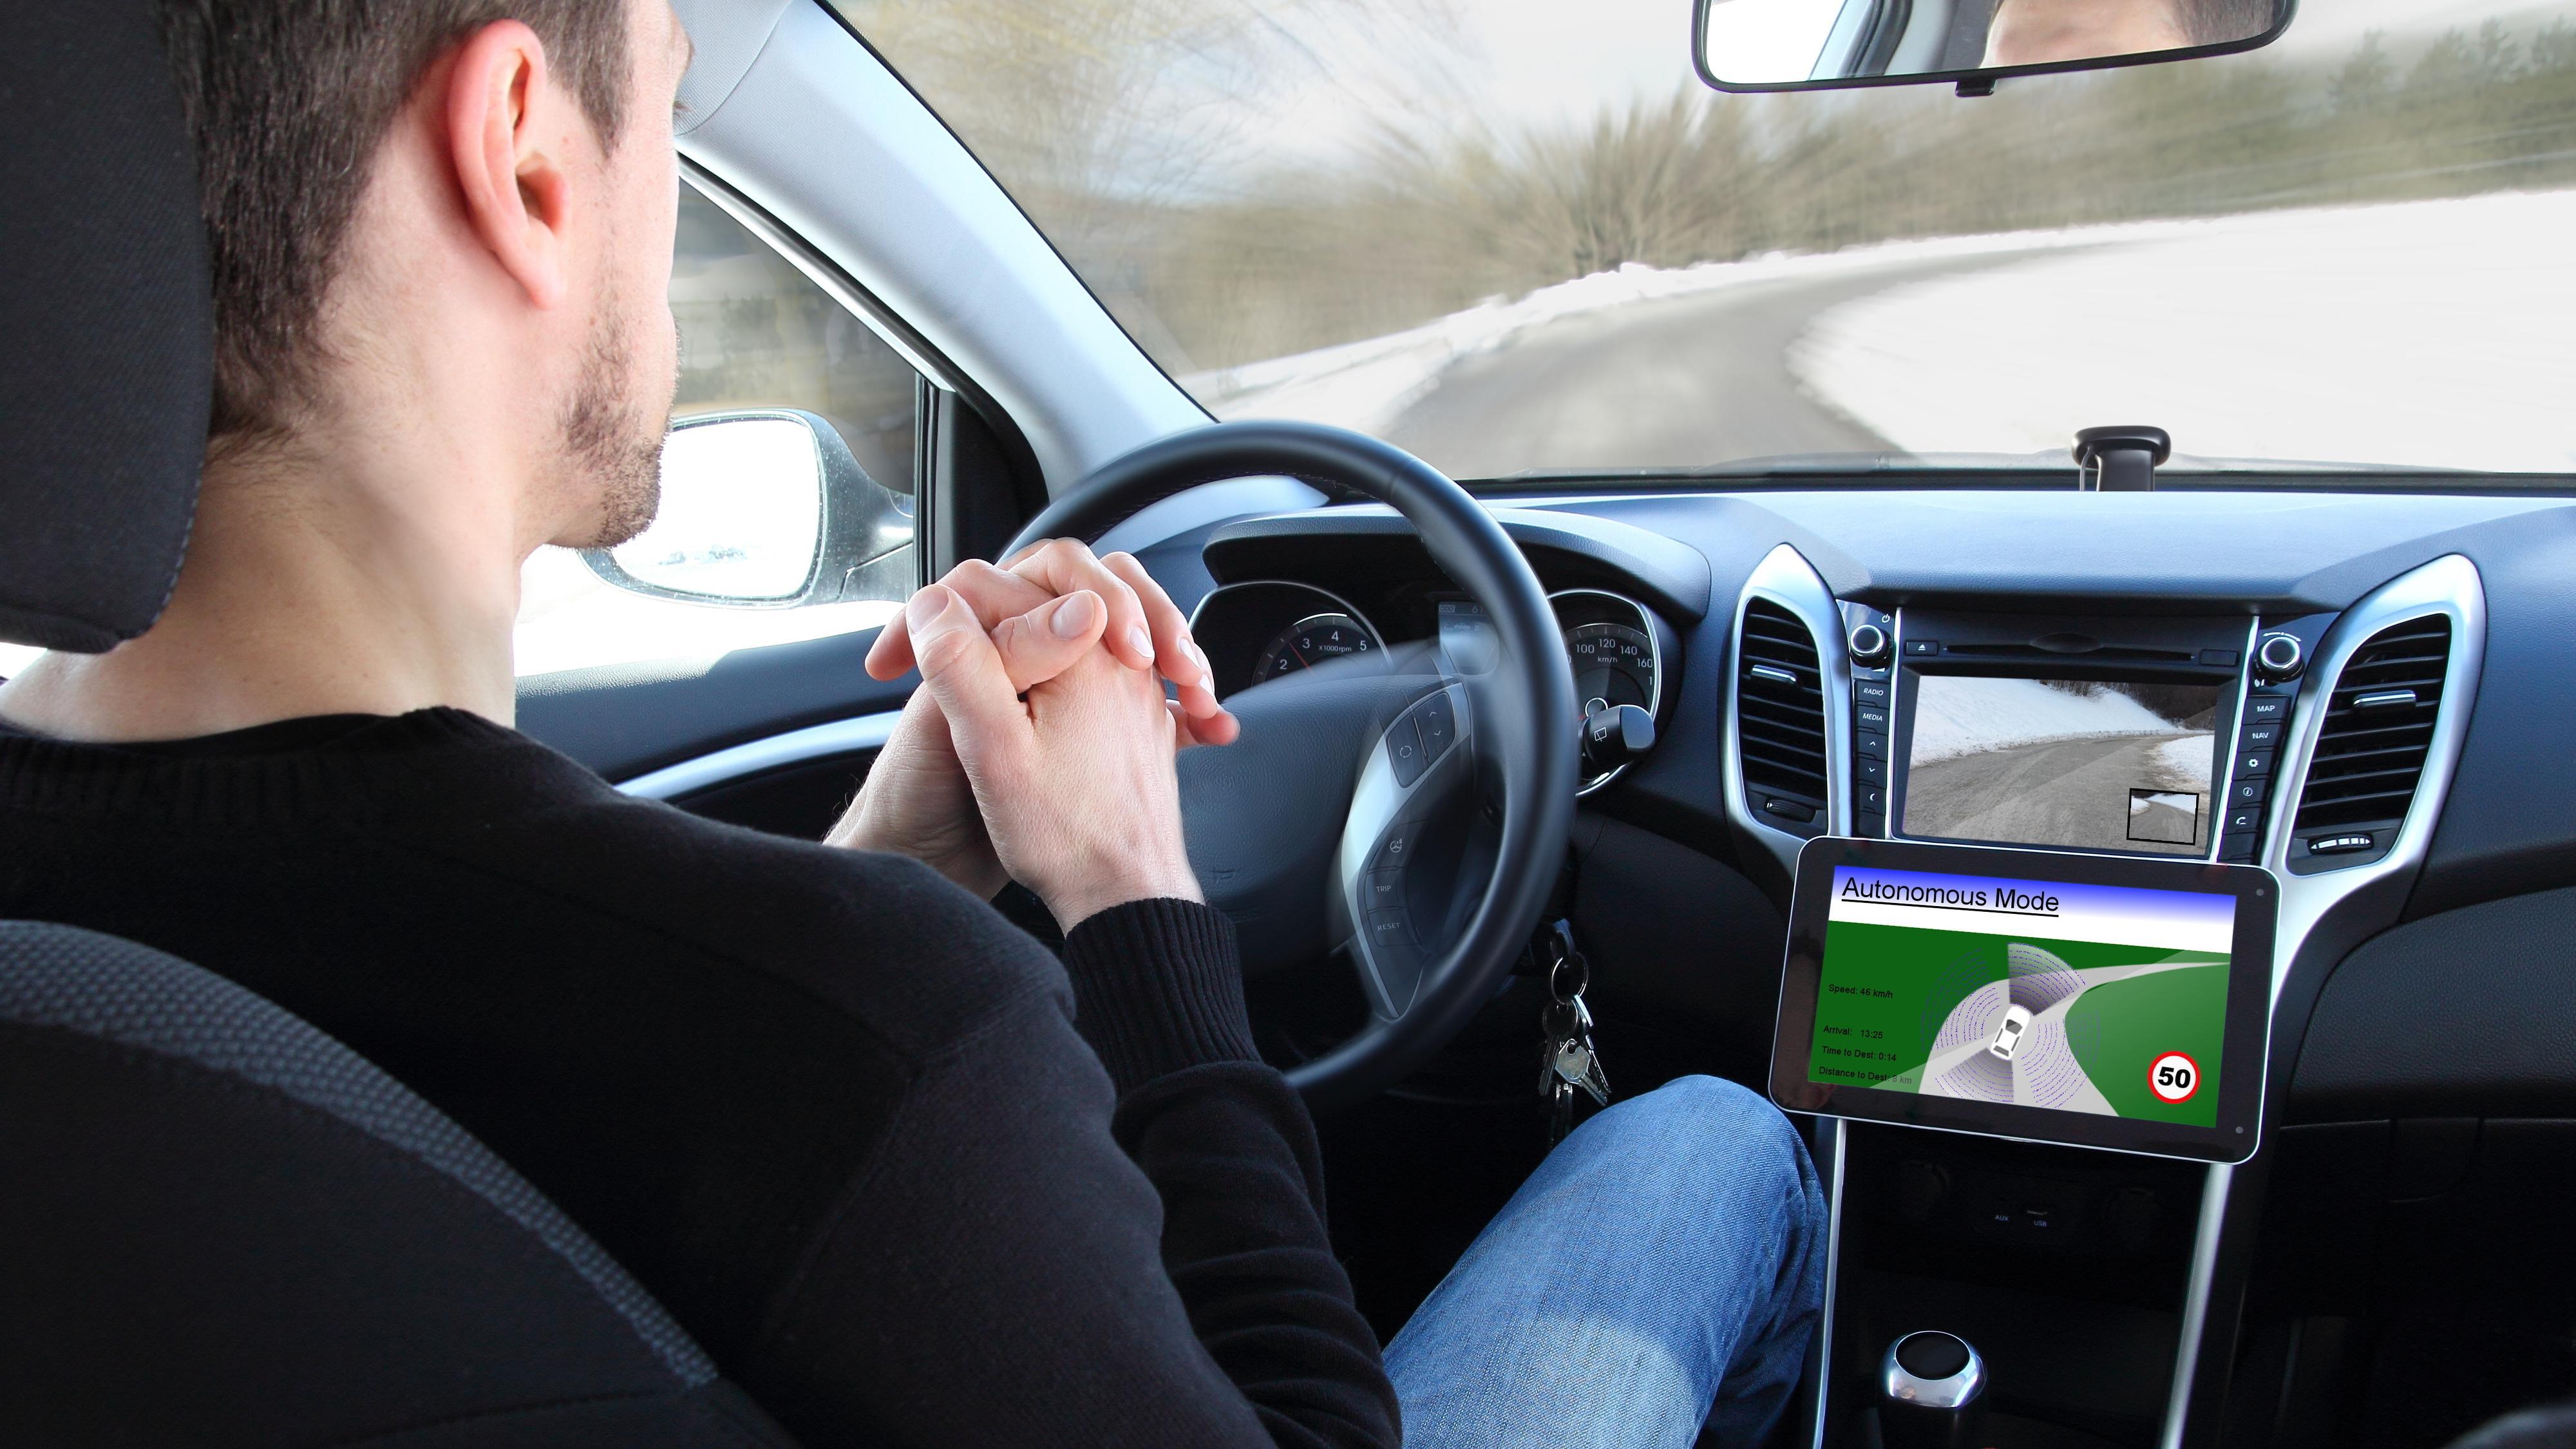 – Fremtidens biler vil bli like avanserte som superdatamaskiner